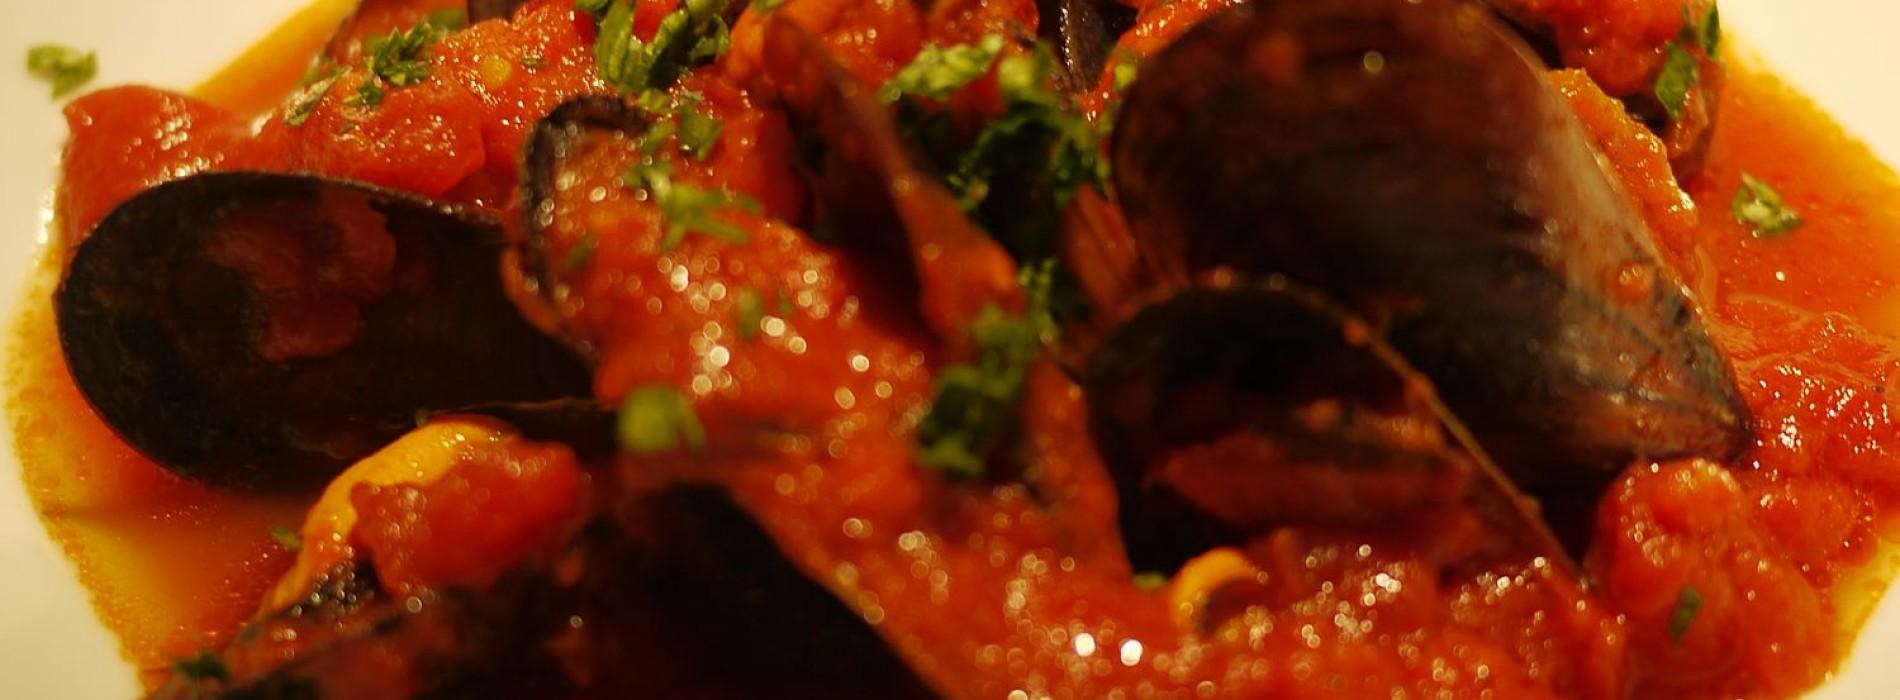 La Zuppa Di Cozze Puntarella Rossa